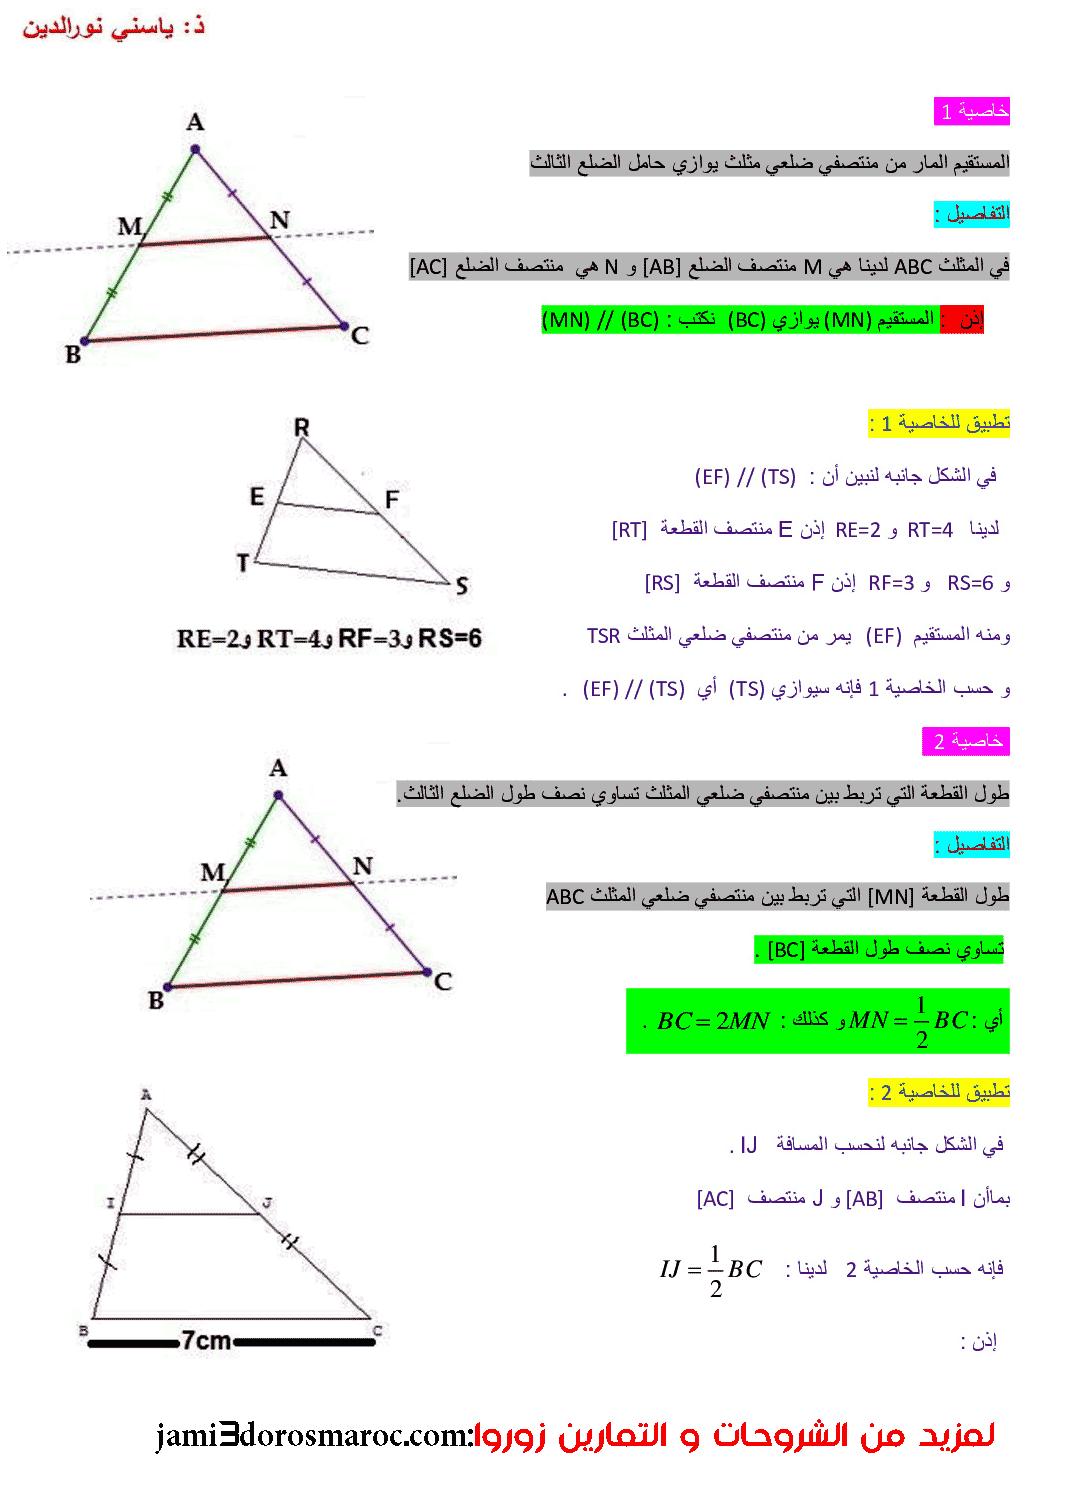 التوازي ومنتصفات أضلاع مثلث الثانية إعدادي